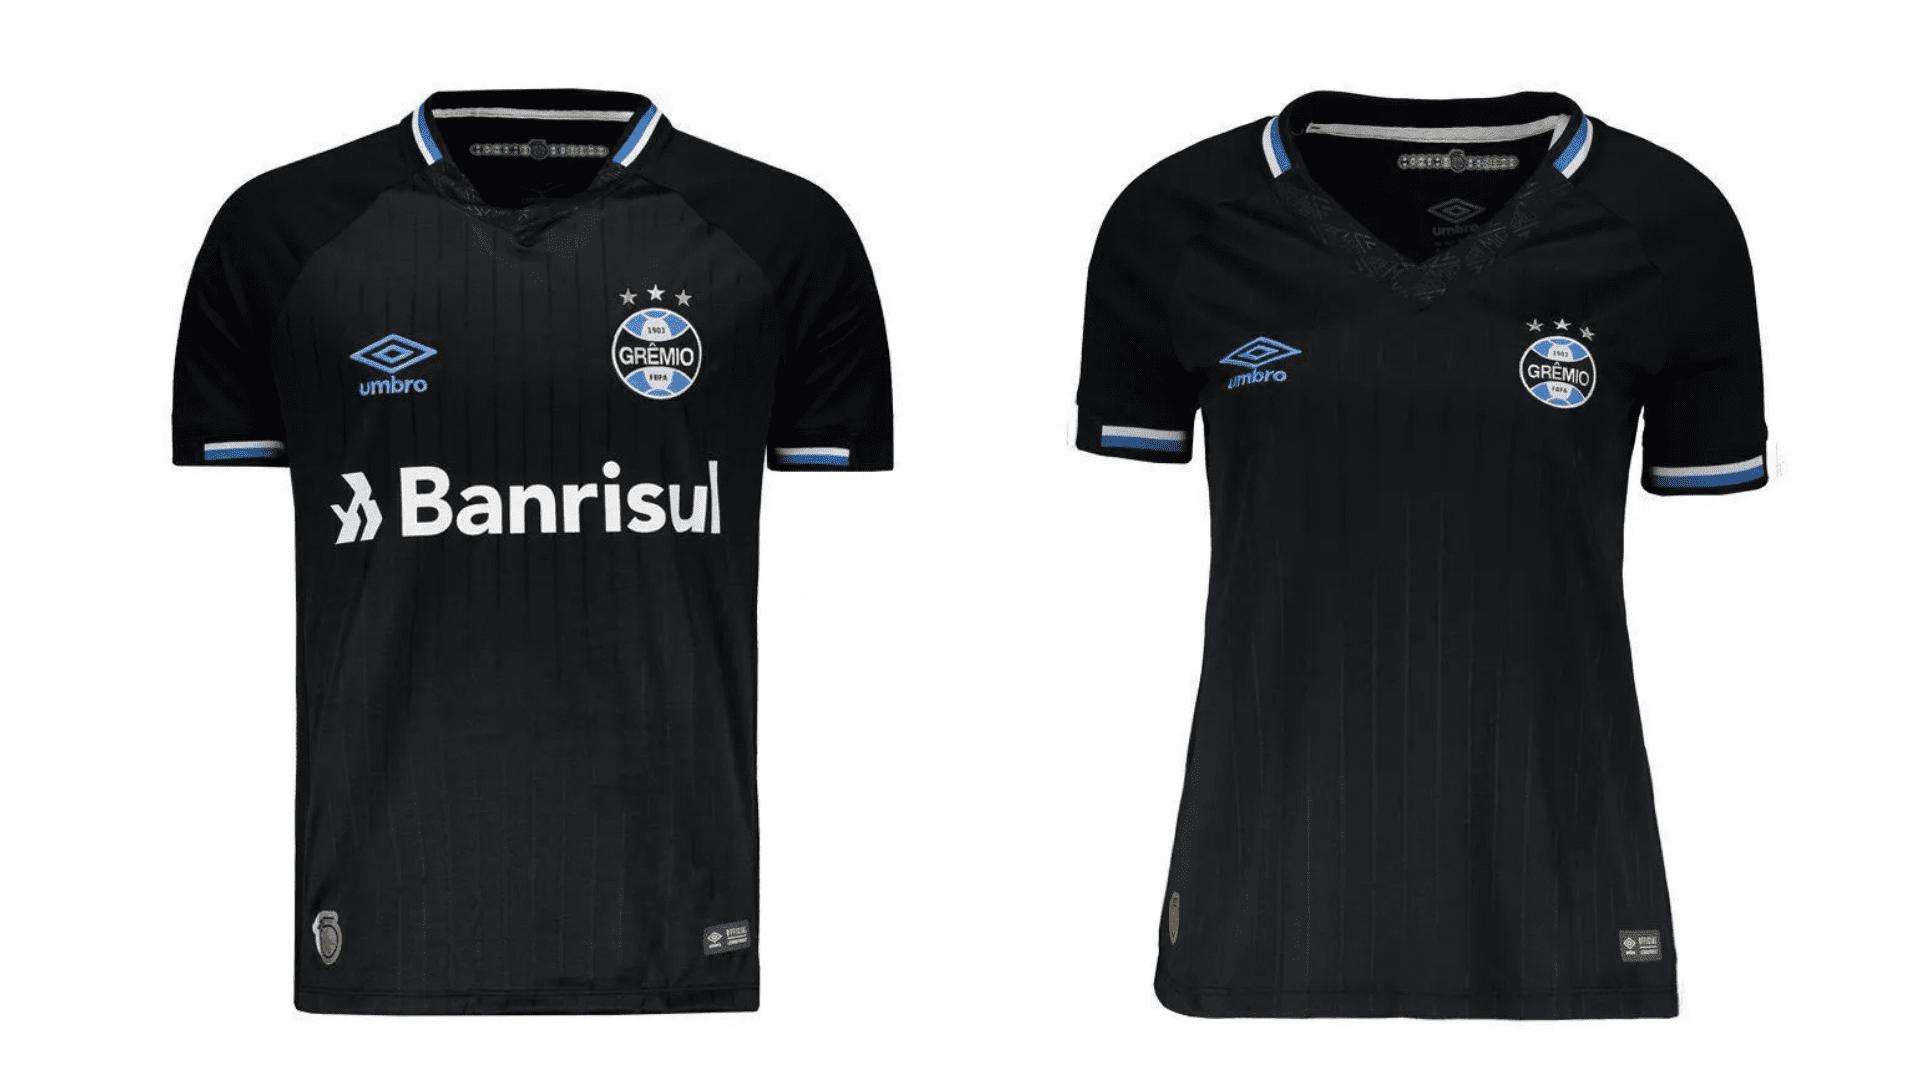 Camisa do Grêmio 2018 Umbro Jogo 3 (Imagem: Divulgação/Umbro)